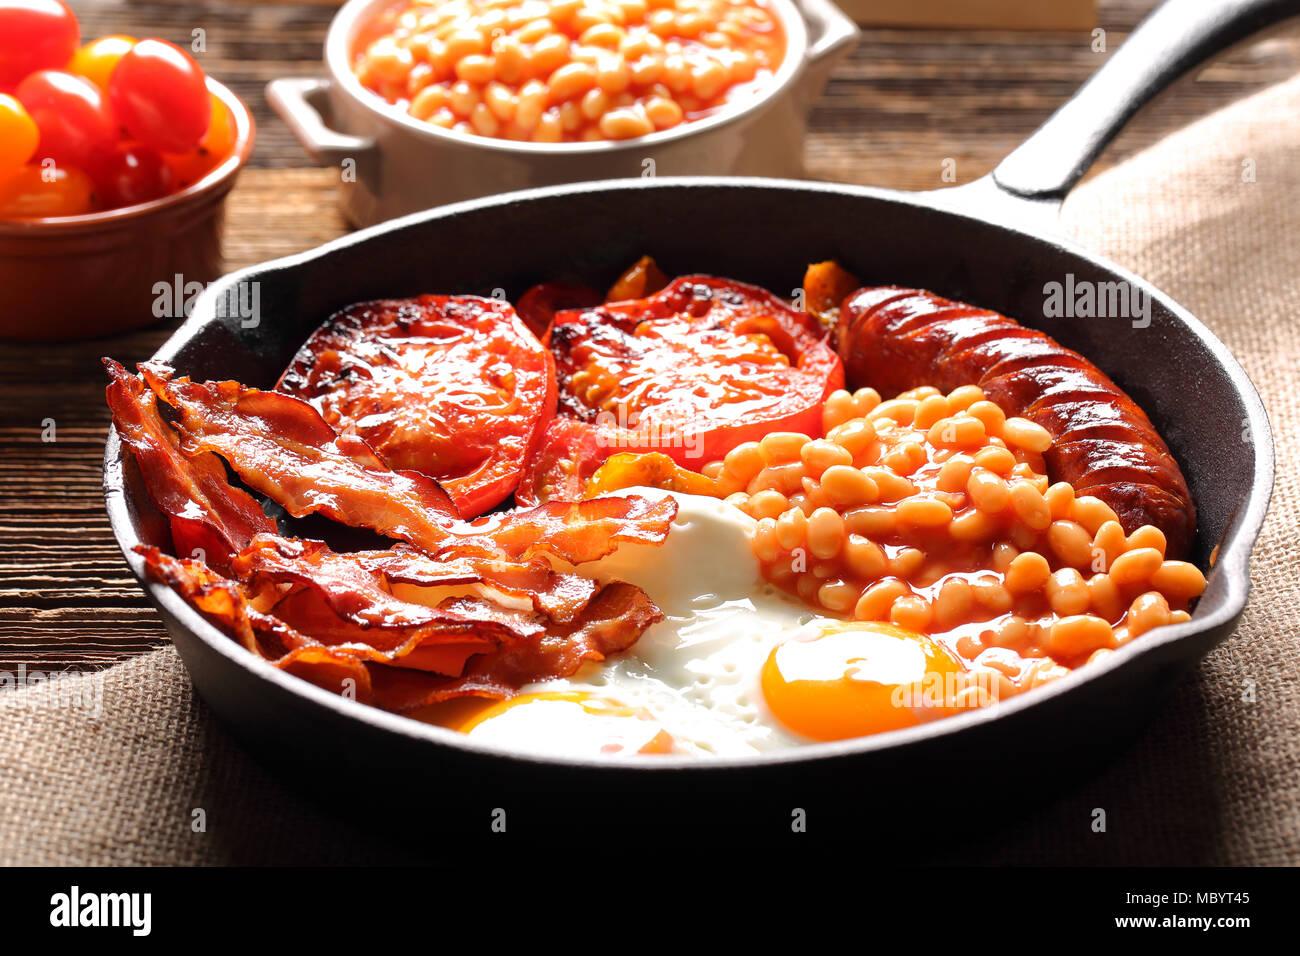 Petit déjeuner anglais avec des saucisses, des tomates grillées, des œufs, du bacon et des haricots sur le poêle. Photo Stock